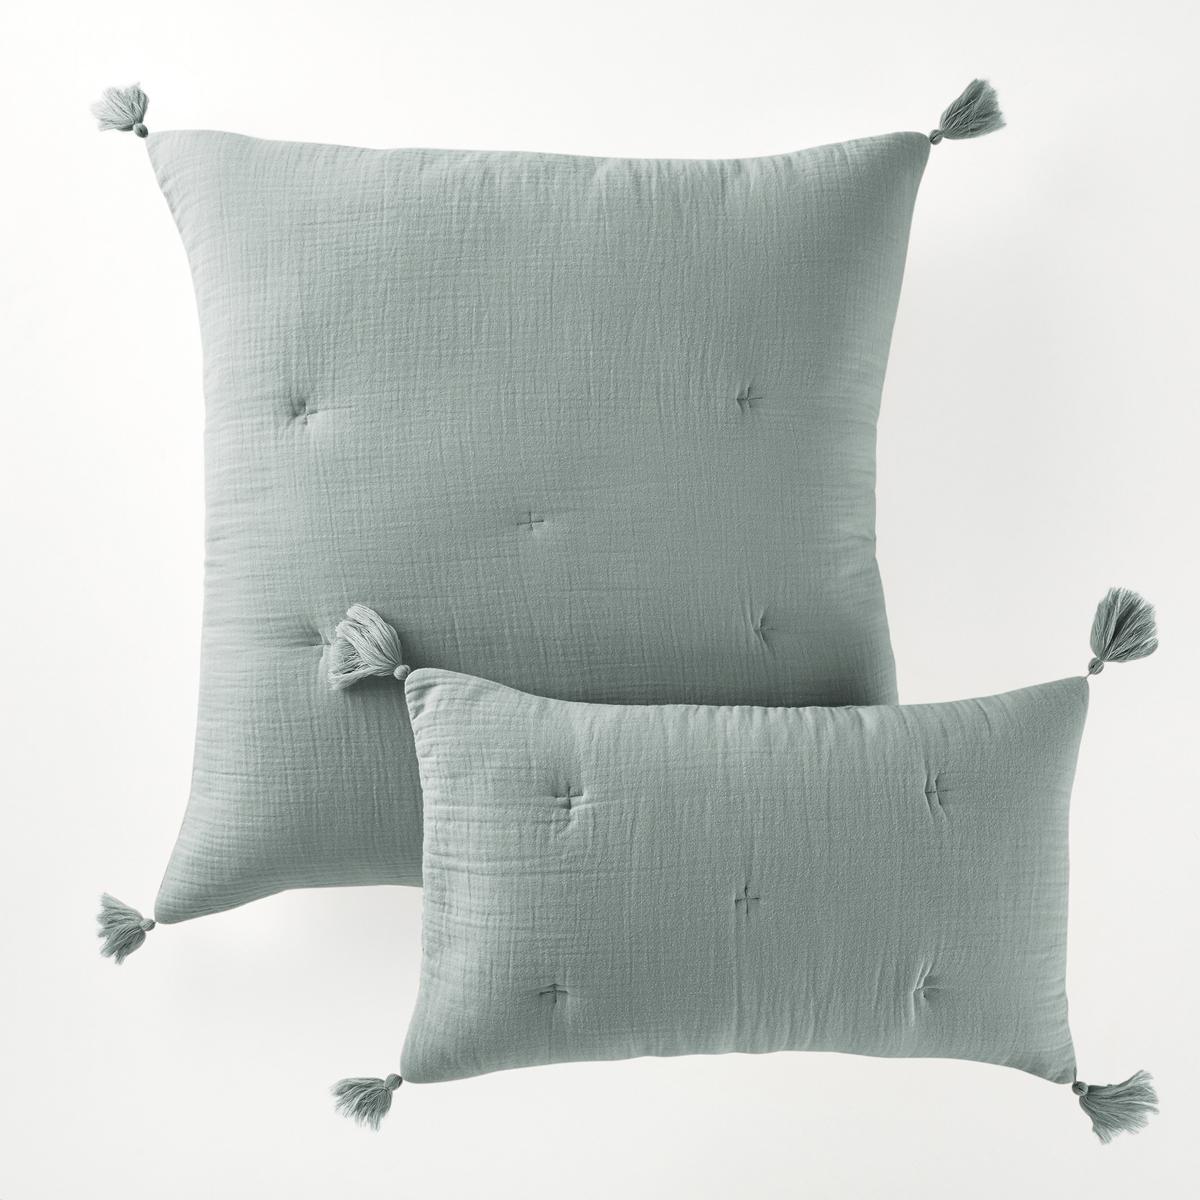 Наволочка на подушку-валик или подушку, KumlaХарактеристики наволочки на подушку-валик или подушку Kumla :Форма конверта, 100% хлопок.Наполнитель 100% полиэстера (120 г/м?).Вышивка крестиком в тон.Отделка кисточками по углам.Стирка при 30°.Перину того же комплекта и другие модели декоративного текстиля вы можете найти на сайте laredoute.ruРазмеры :50 x 30 см65 x 65 см<br><br>Цвет: серо-зеленый